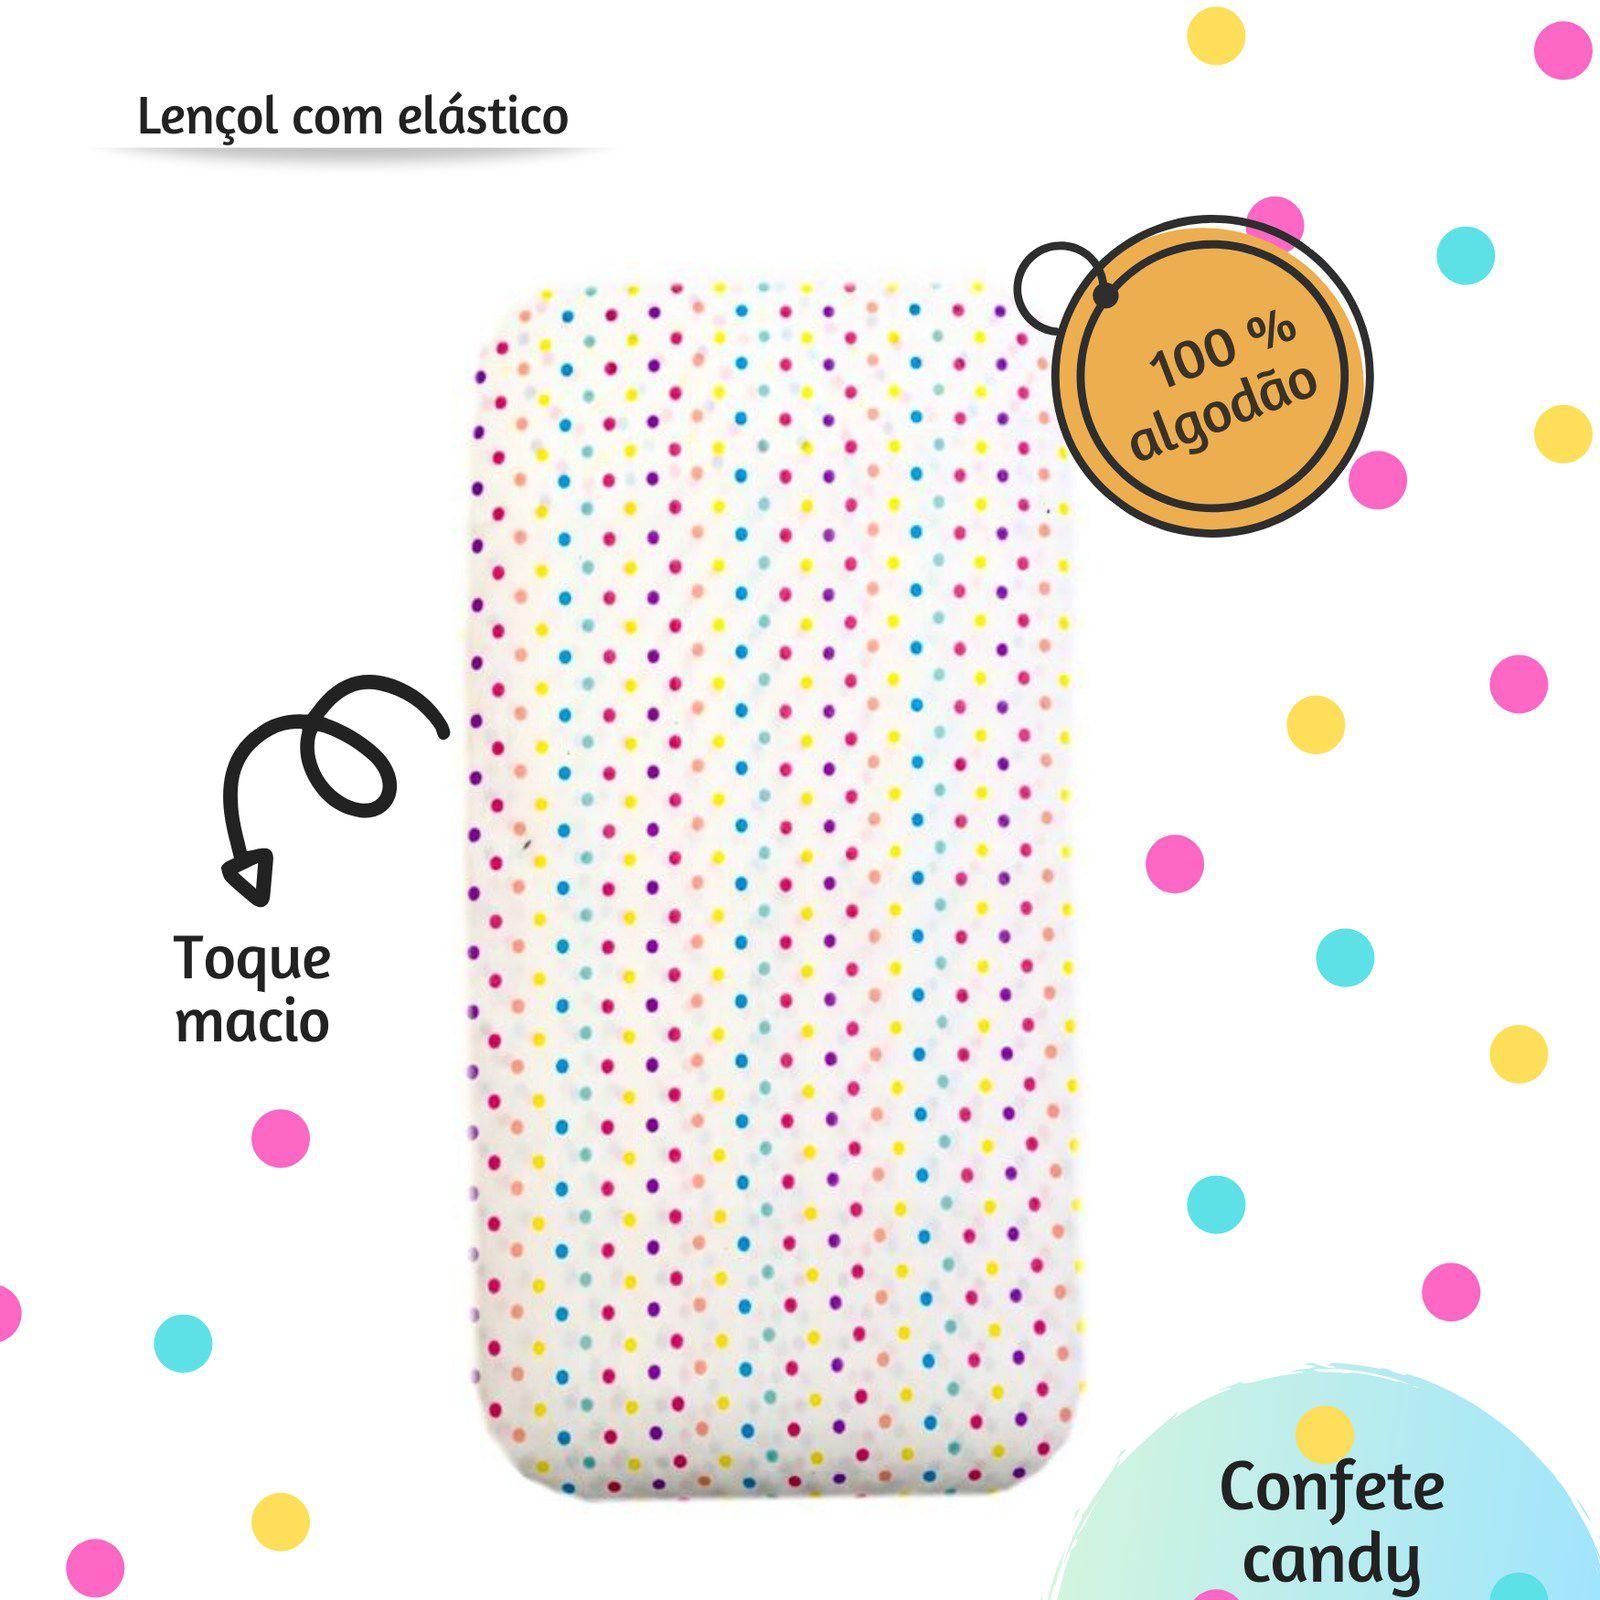 Lençol com elástico solteiro 88 x 188 cm   Confete candy